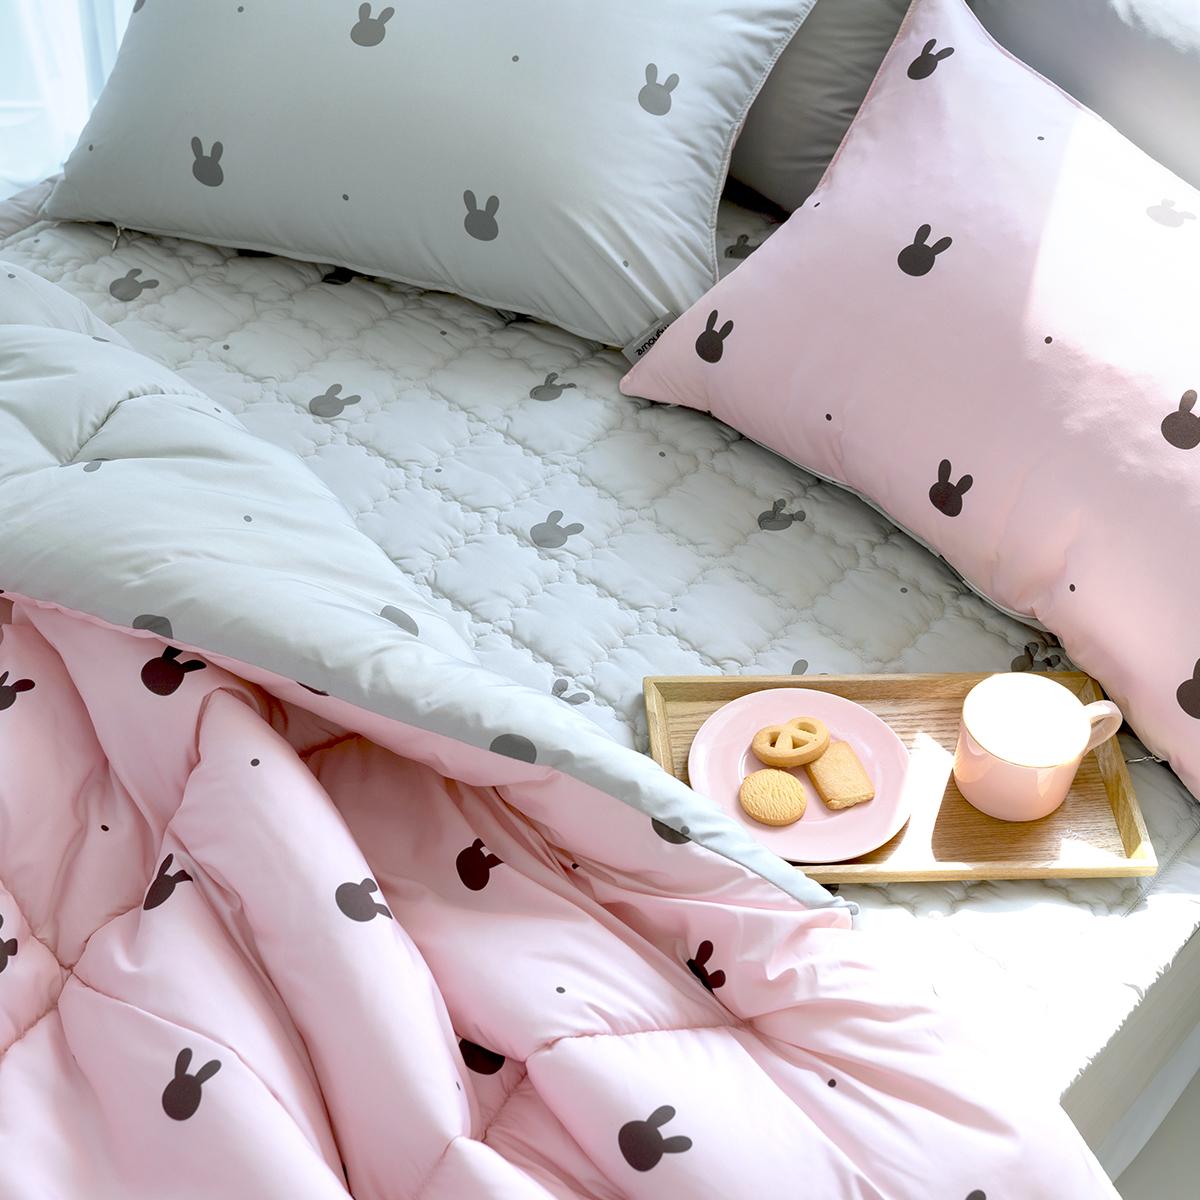 마이하우스 알러지케어 래빗도트 키즈 차렵이불 + 베개커버 + 패드 세트, 핑크